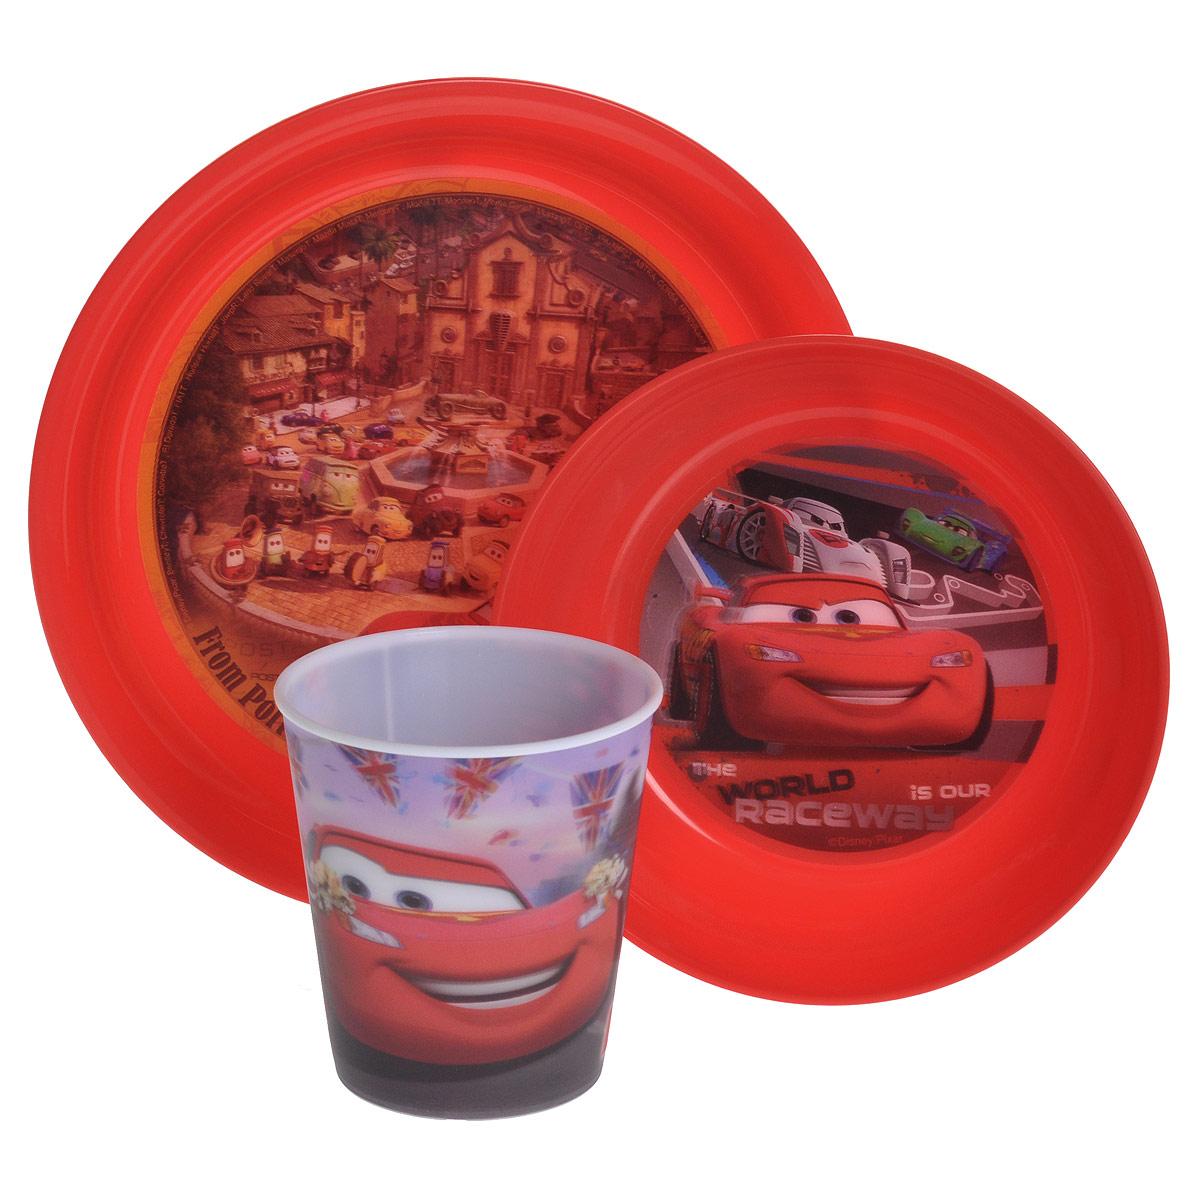 Набор детской посуды Тачки, цвет: красный, 3 предметаNCAR5Набор детской посуды Тачки состоит из стакана, миски и тарелки. Посуда, выполненная из пищевого пластика красного цвета, оформлена изображениями героев популярного мультфильма Тачки. Рисунки находятся под слоем прозрачного структурного пластика (линзы), создающего эффект объемного изображения, как в 3D кино, и исключающего попадание краски в жидкость. Небьющаяся посуда, красивая, легкая и удобная в уходе, прекрасно выдерживает горячую пищу. Ваш малыш с удовольствием будет кушать вместе с любимыми героями.